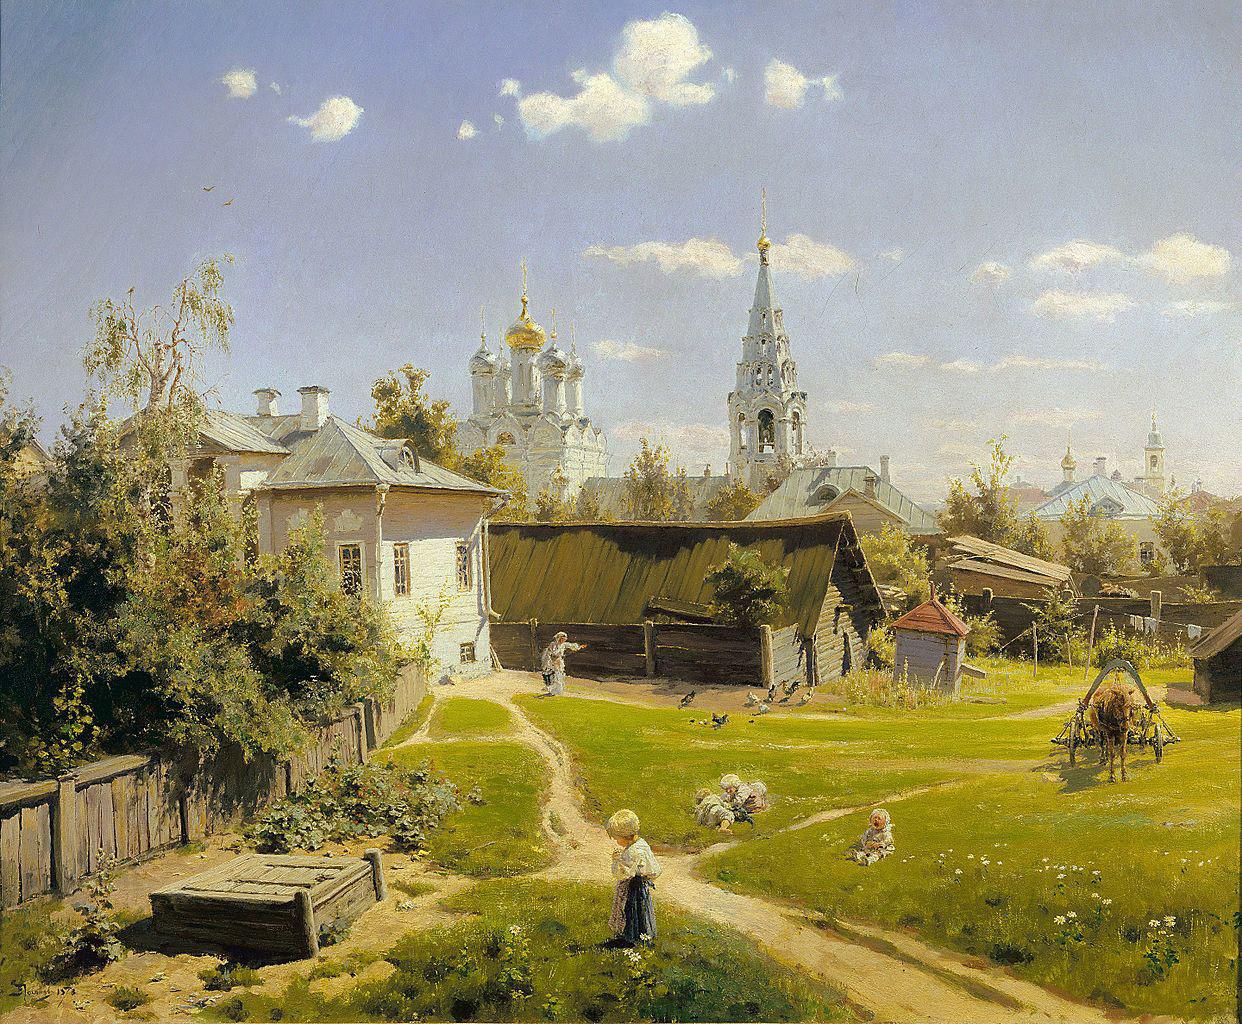 ワシーリー・ポレノフ、モスクワの庭、1878年